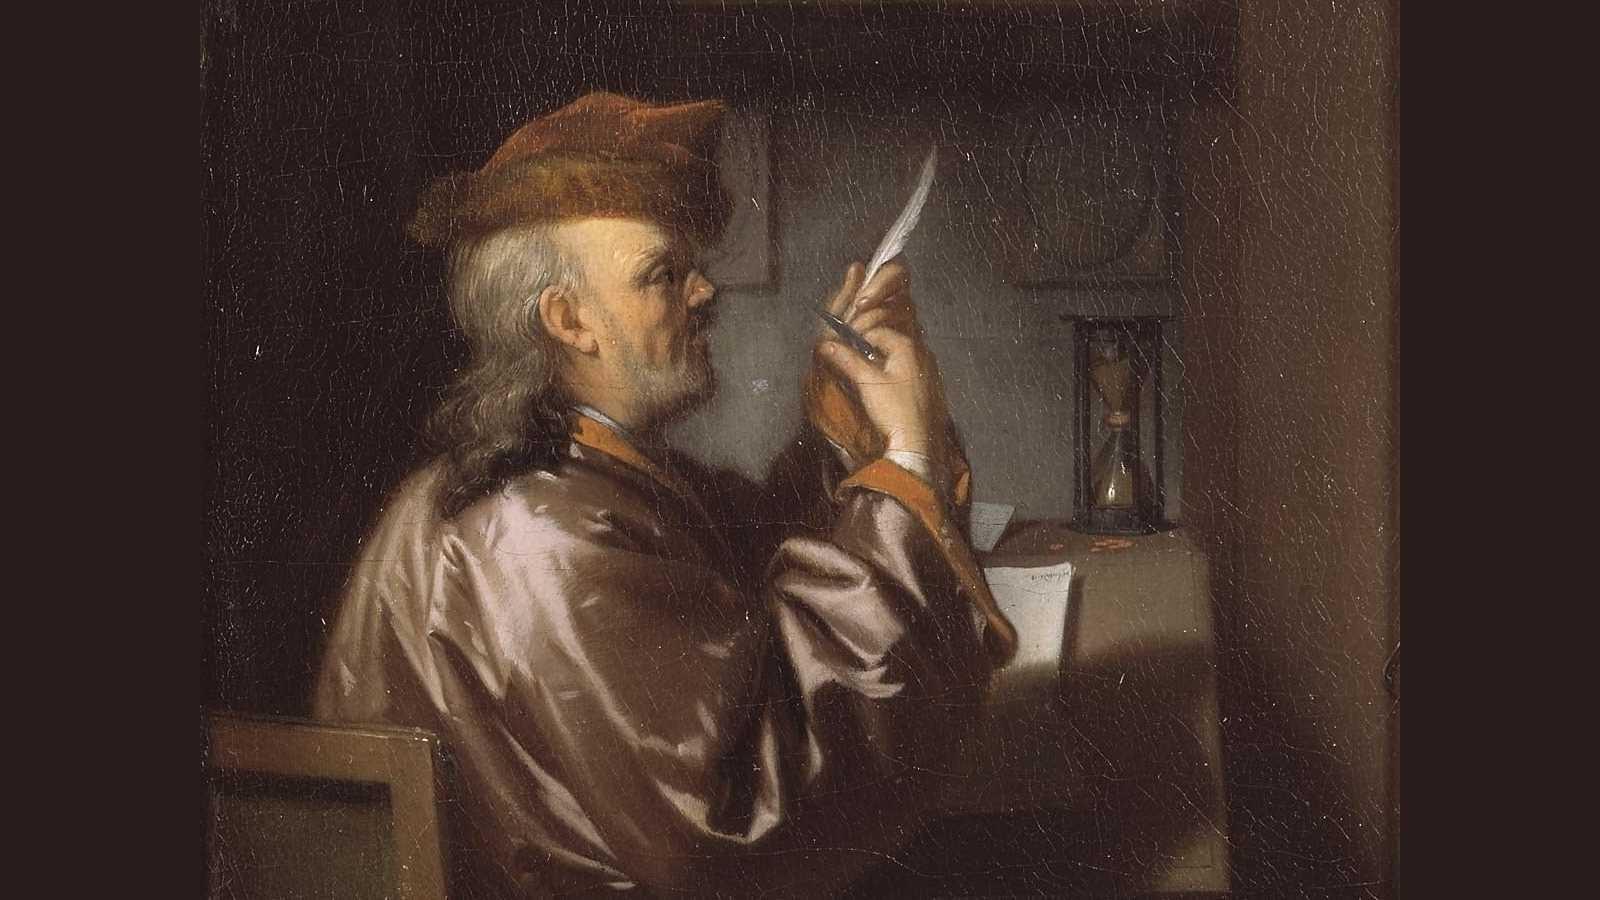 The Bookkeeper by van Dijk